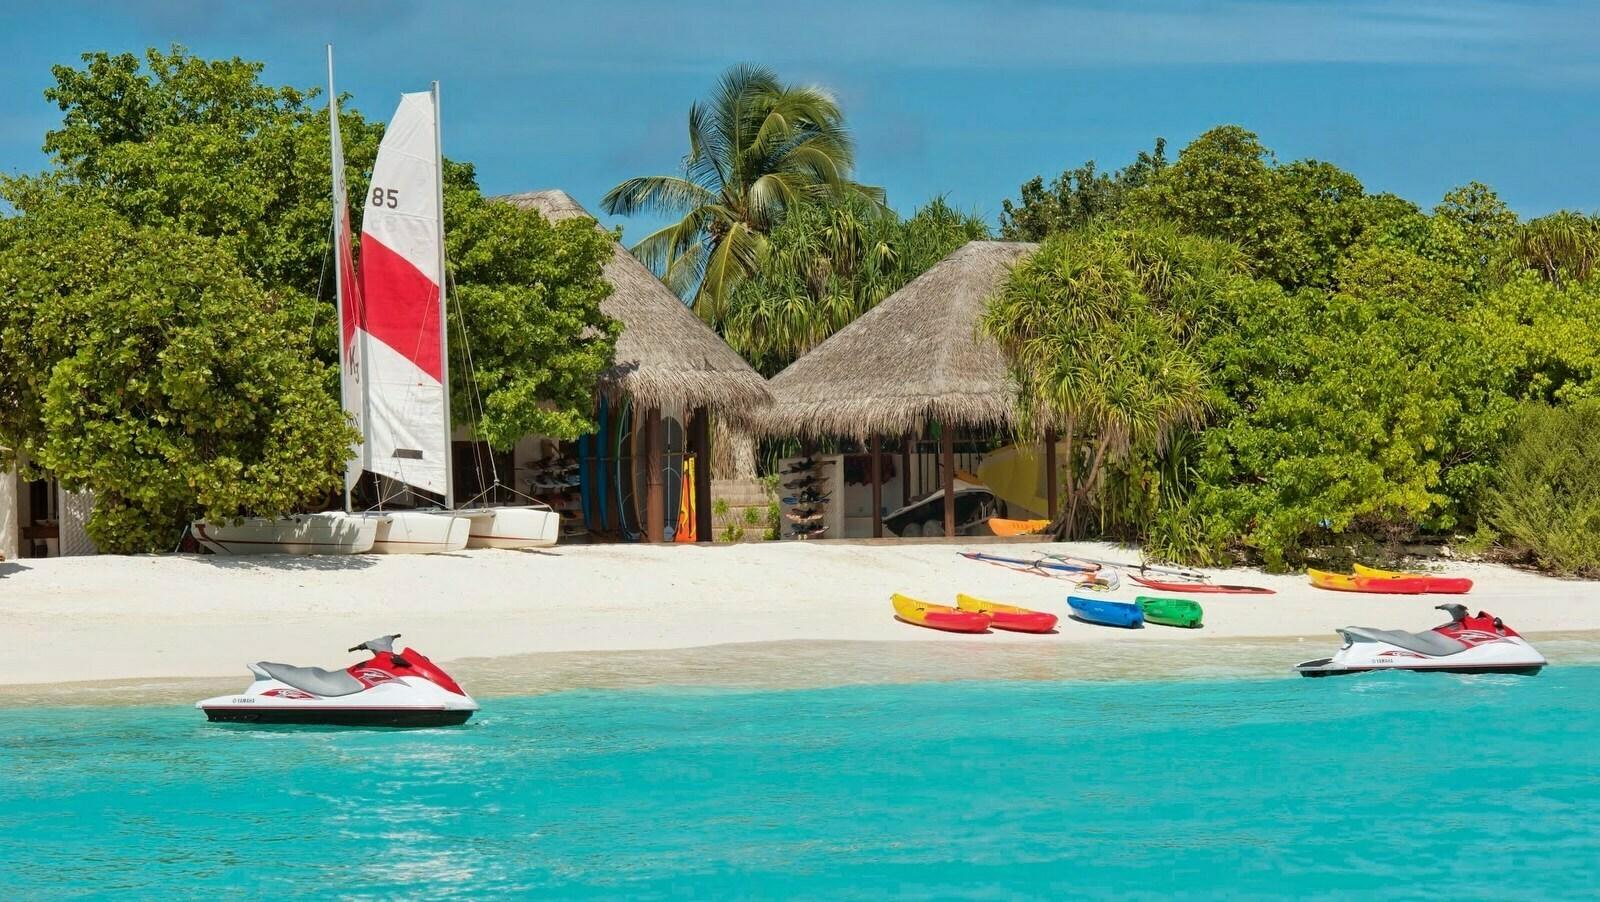 Мальдивы, отель Hideaway Beach Resort & Spa, водный спорт